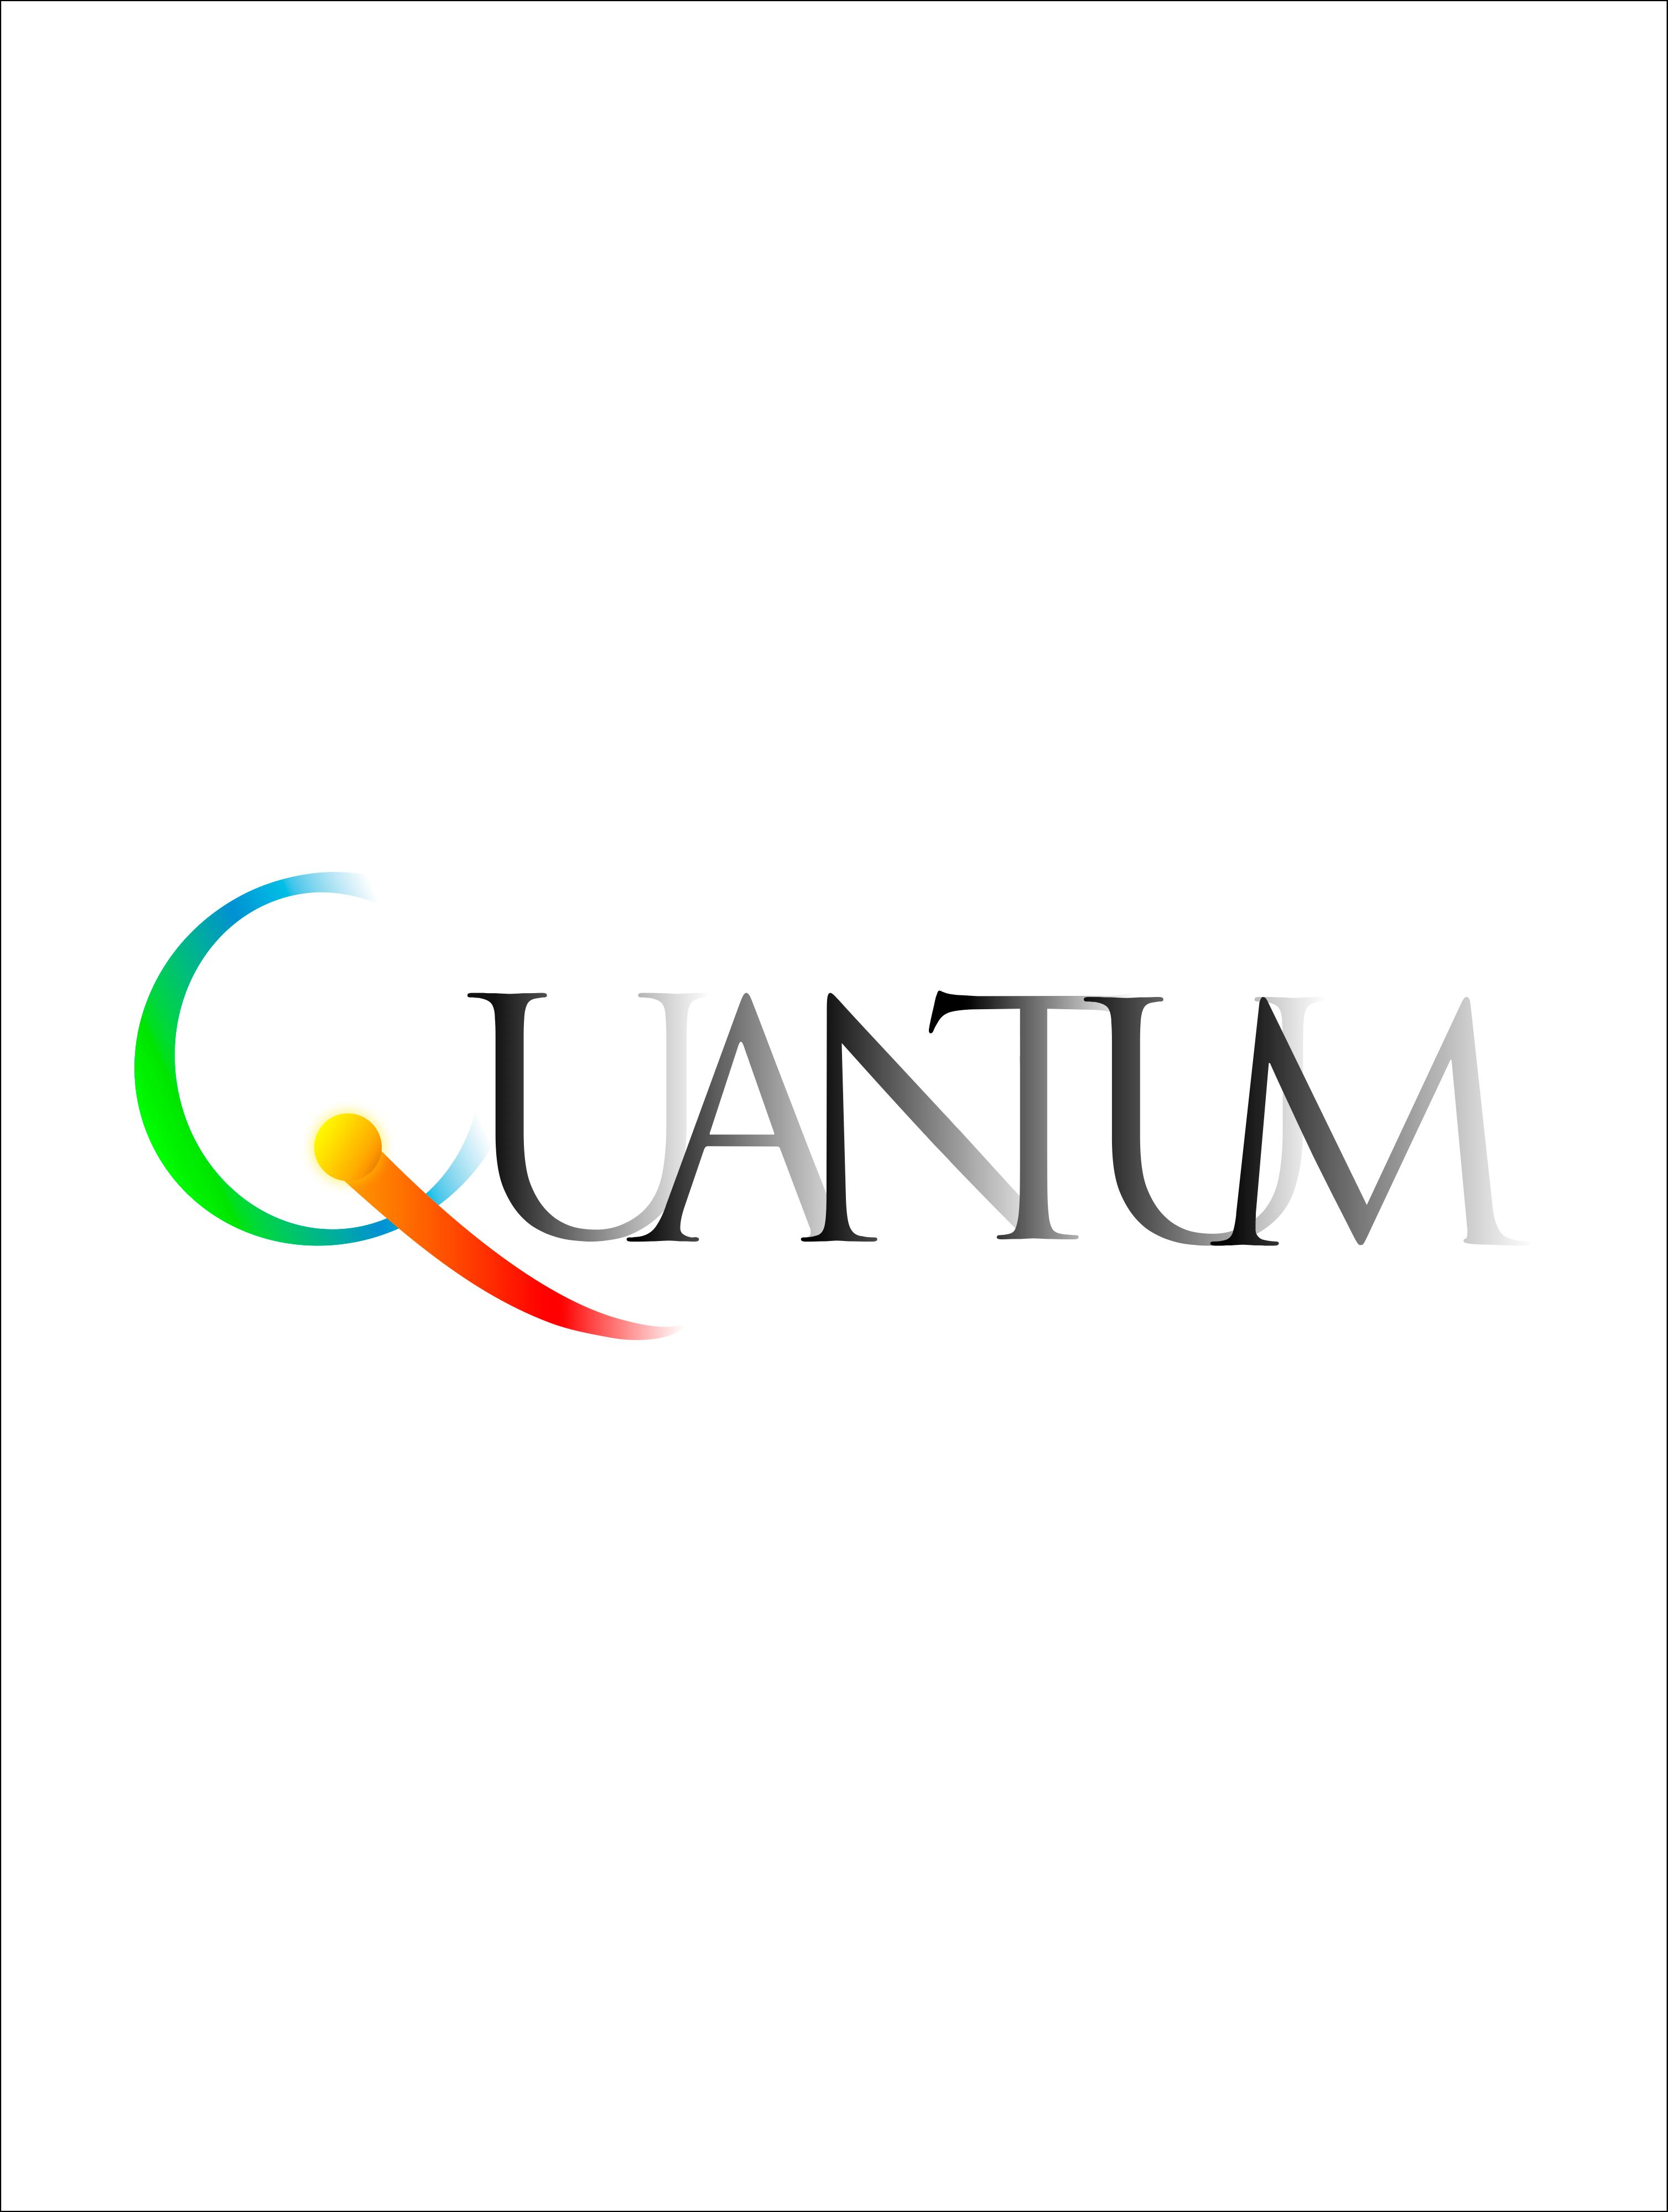 Редизайн логотипа бренда интеллектуальной игры фото f_4785bc5ec3f678fb.png